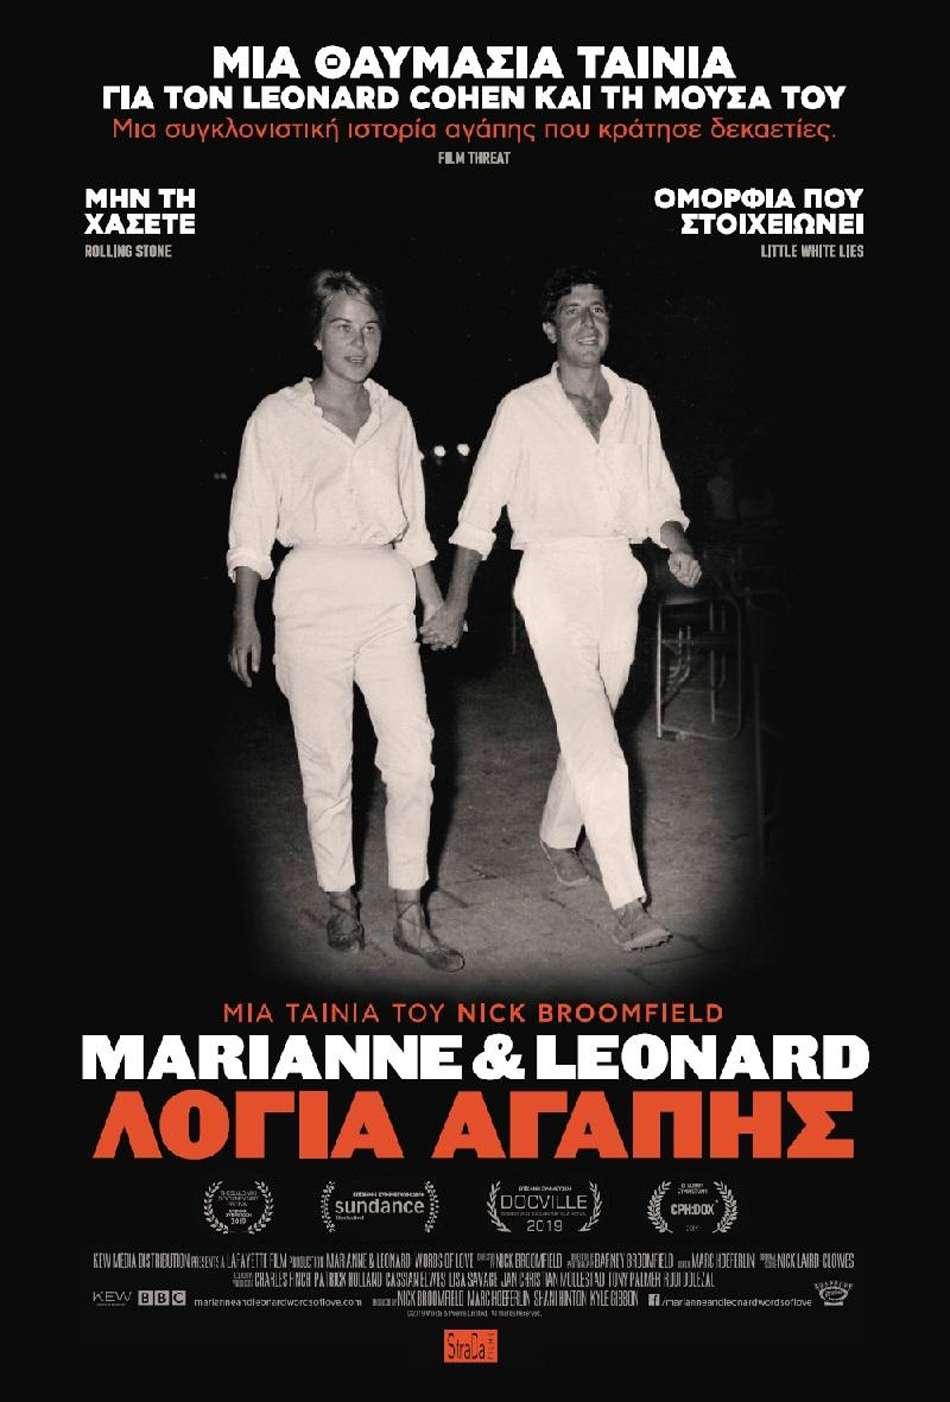 Marianne & Leonard Λόγια Αγάπης (Marianne & Leonard Words of Love) - Trailer / Τρέιλερ Poster